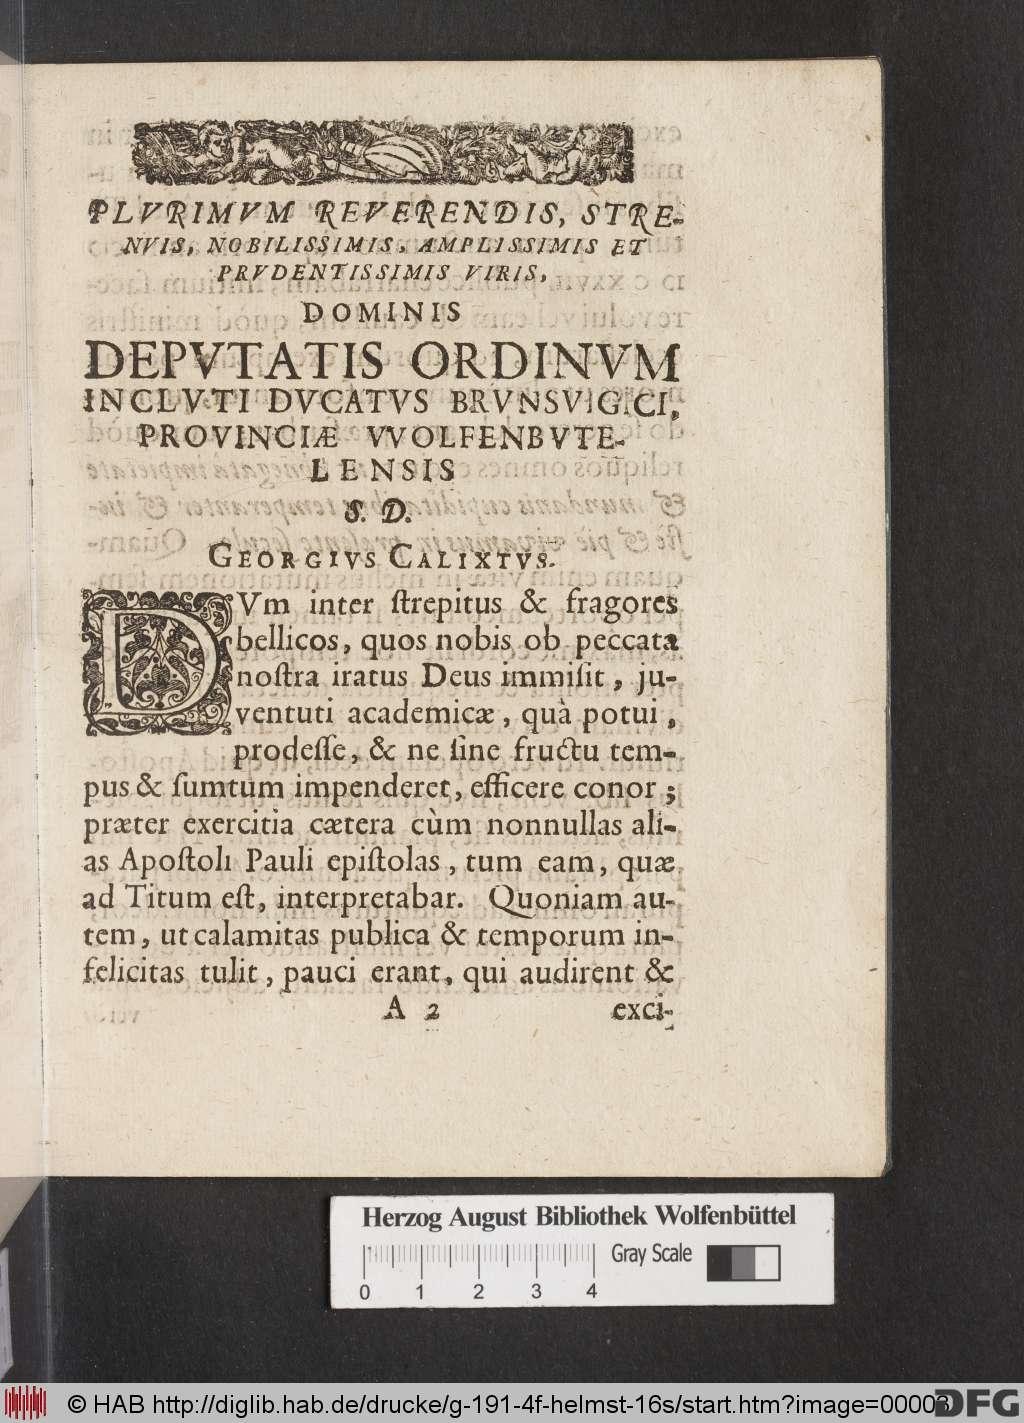 http://diglib.hab.de/drucke/g-191-4f-helmst-16s/00003.jpg